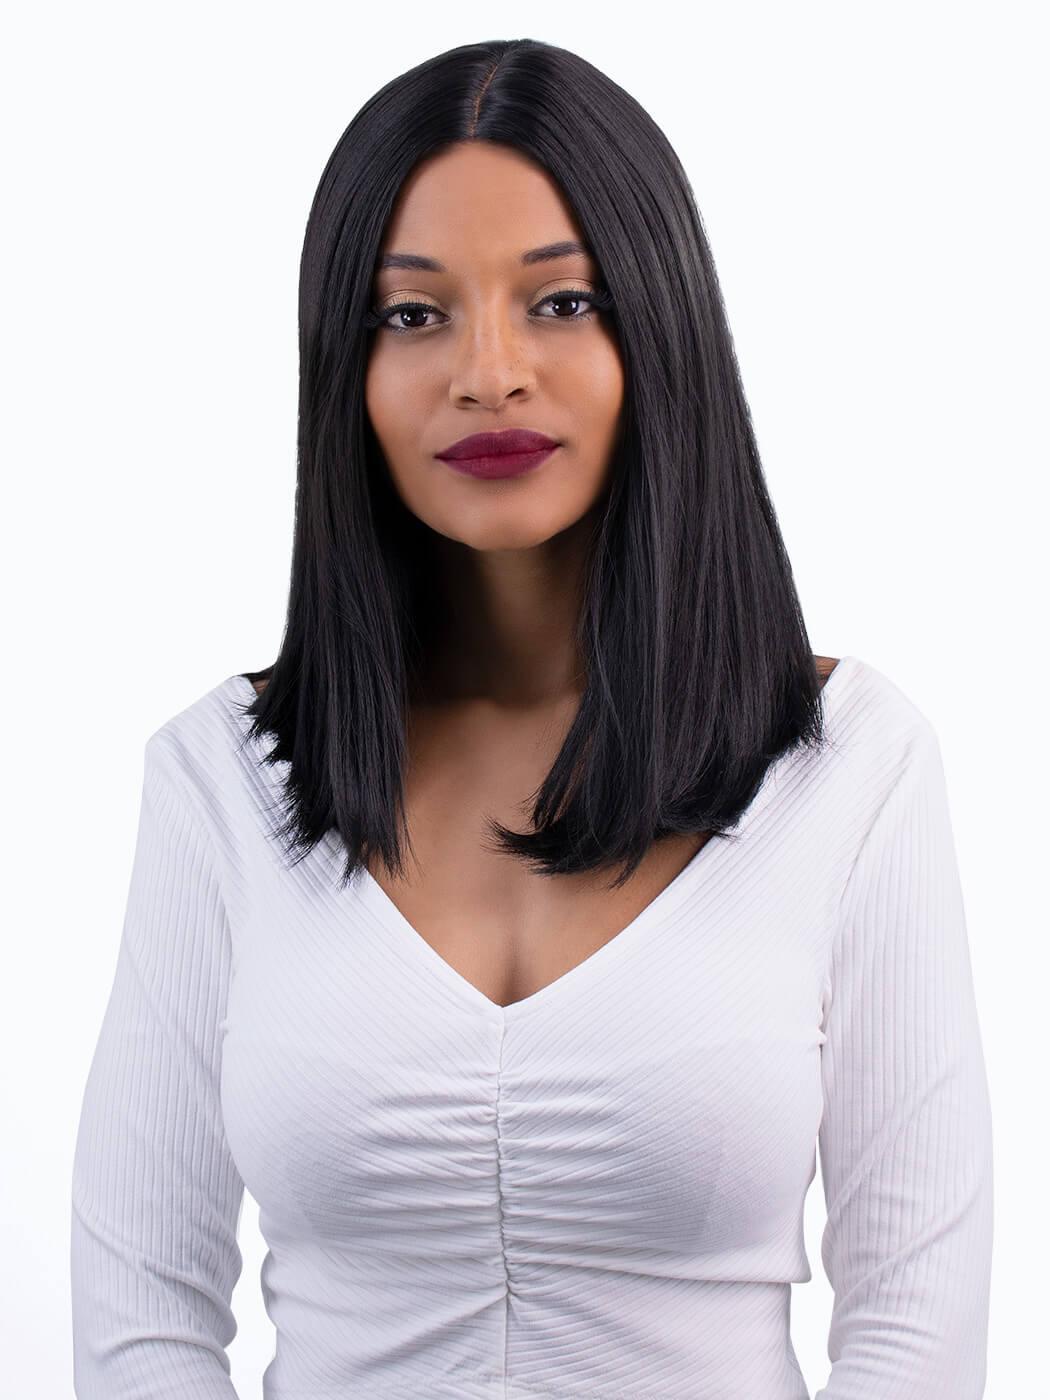 Ebony - Tim Carli lob wig | Straight Lob Wig | Human Hair Wig